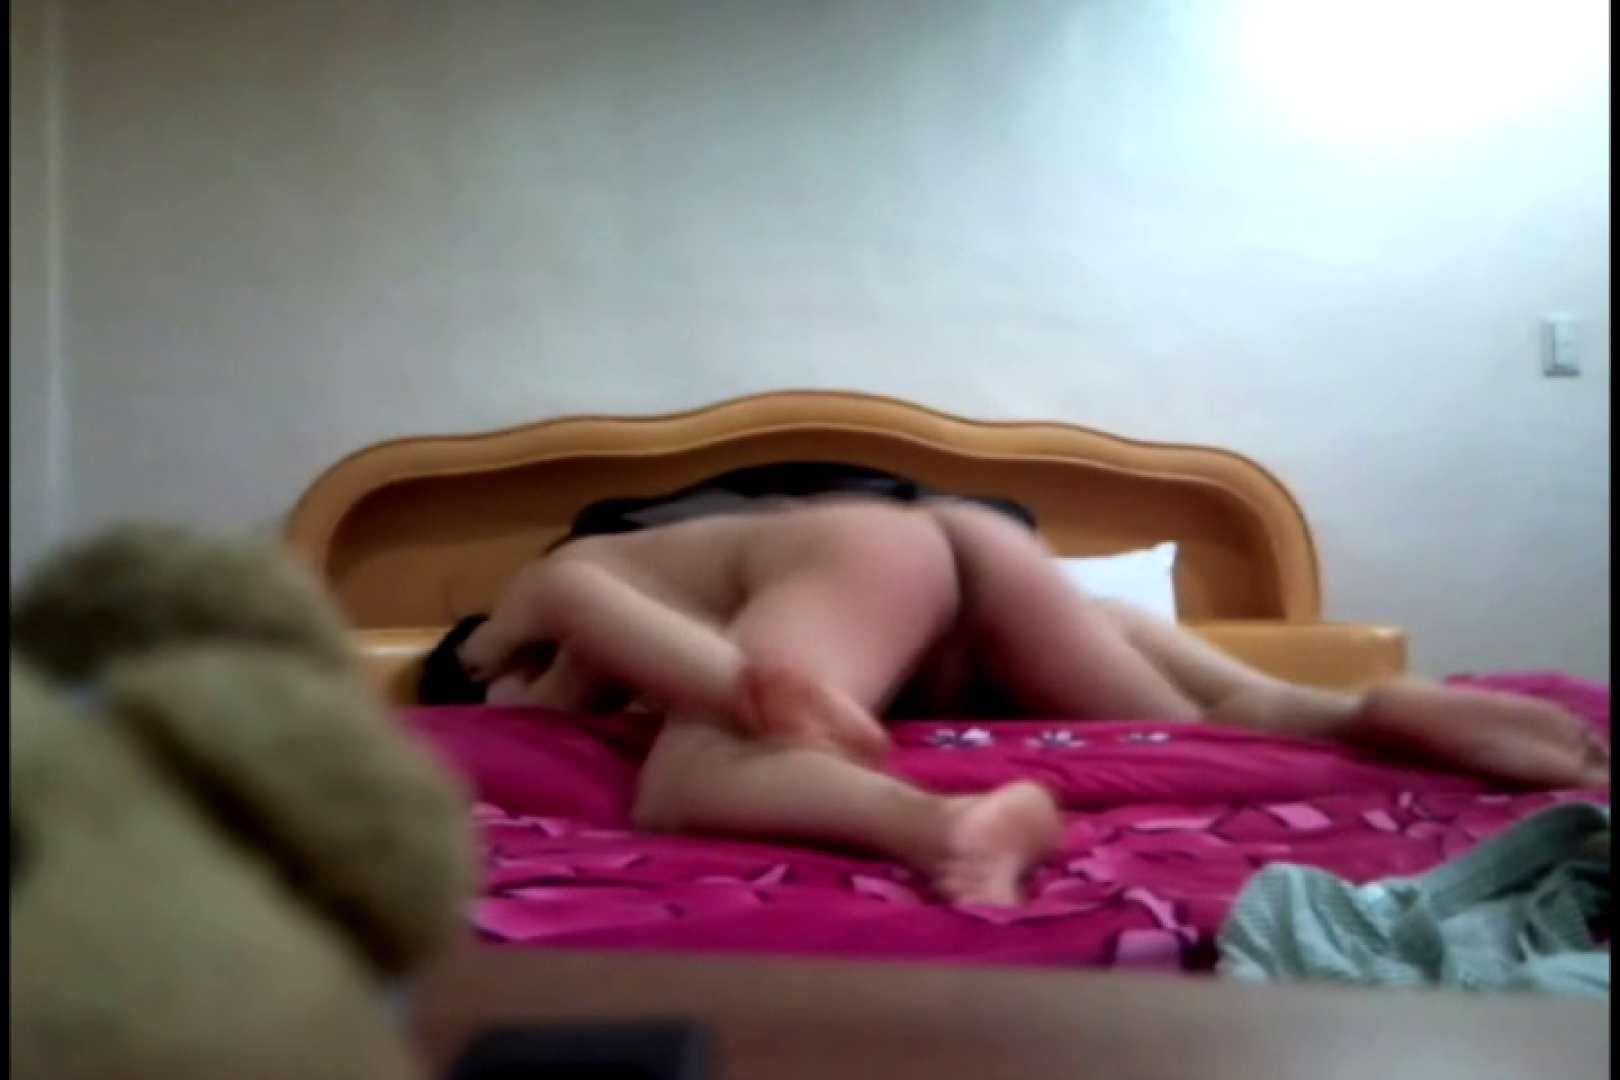 コリアン素人流出シリーズ ラブホテル隠し撮り セックス映像 ぱこり動画紹介 86pic 19